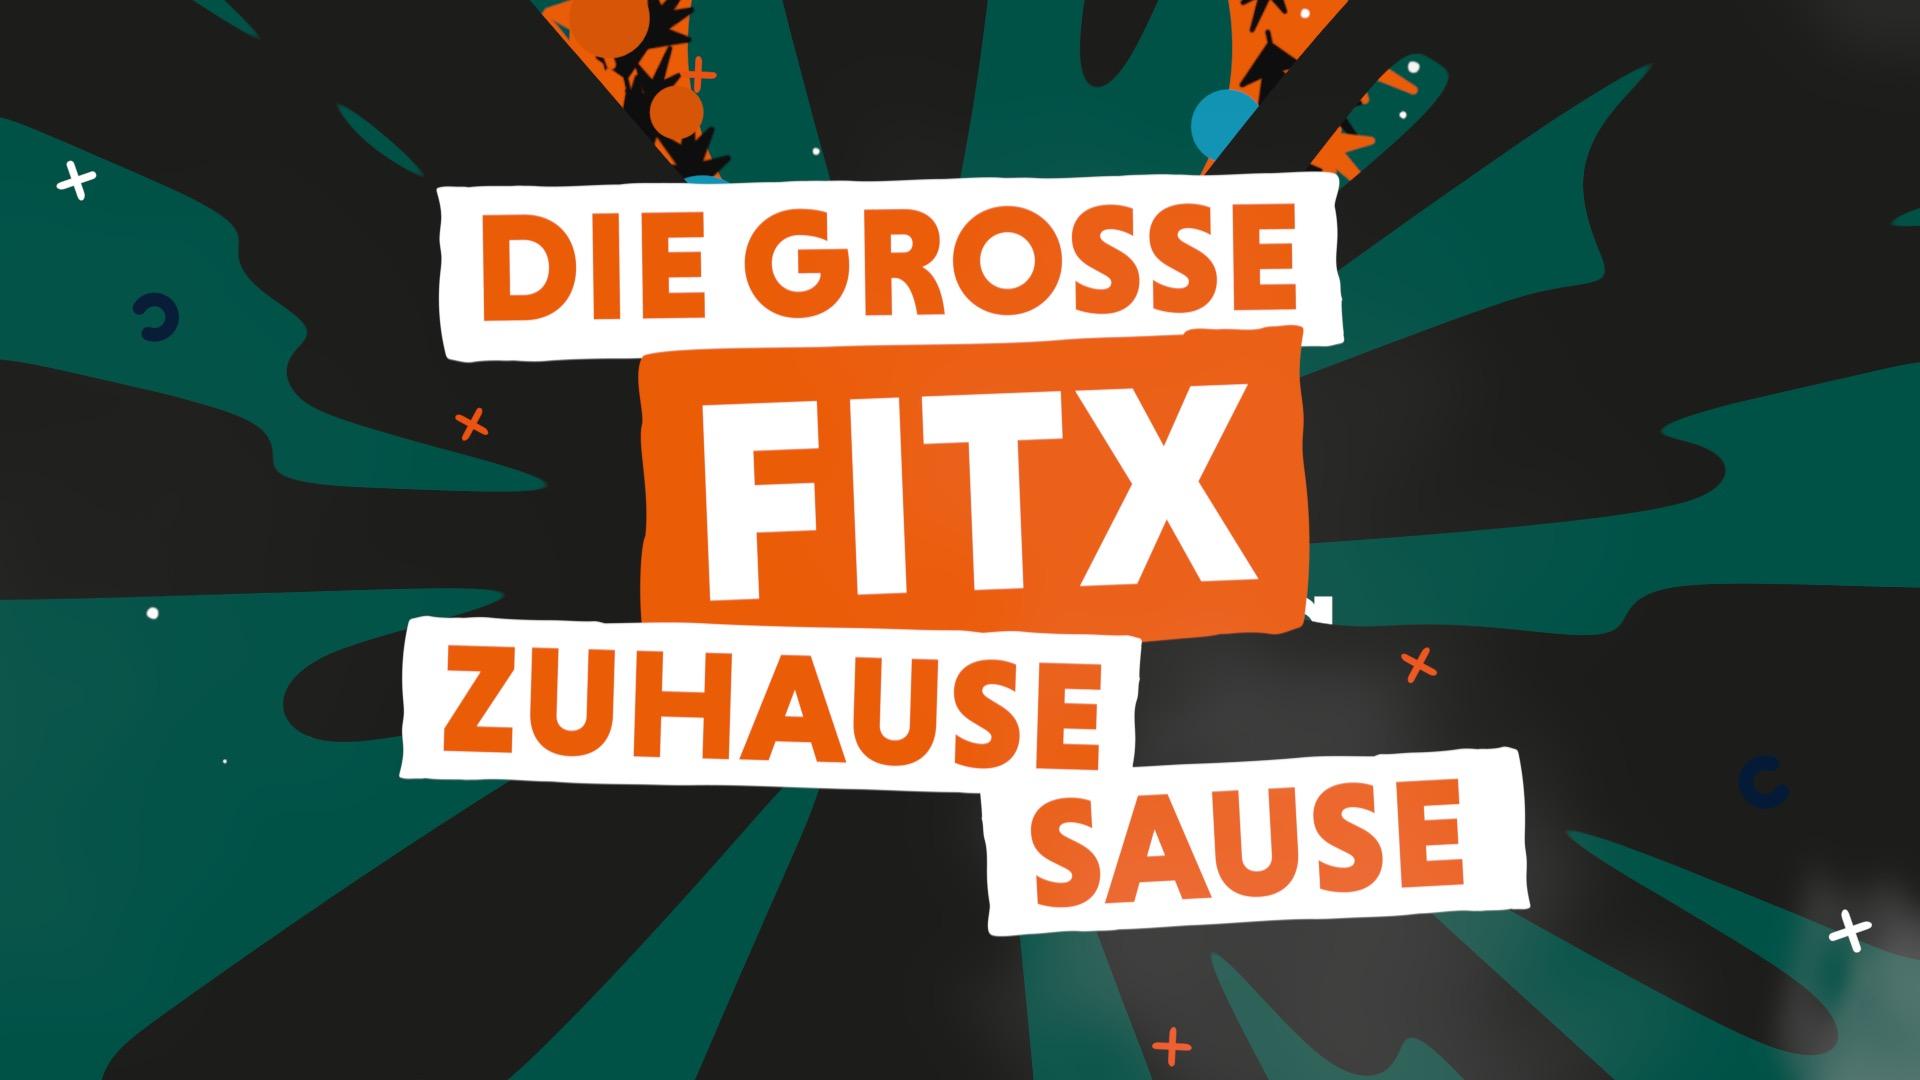 FitX Zuhause Sause – Virtuelle Weihnachtsfeier